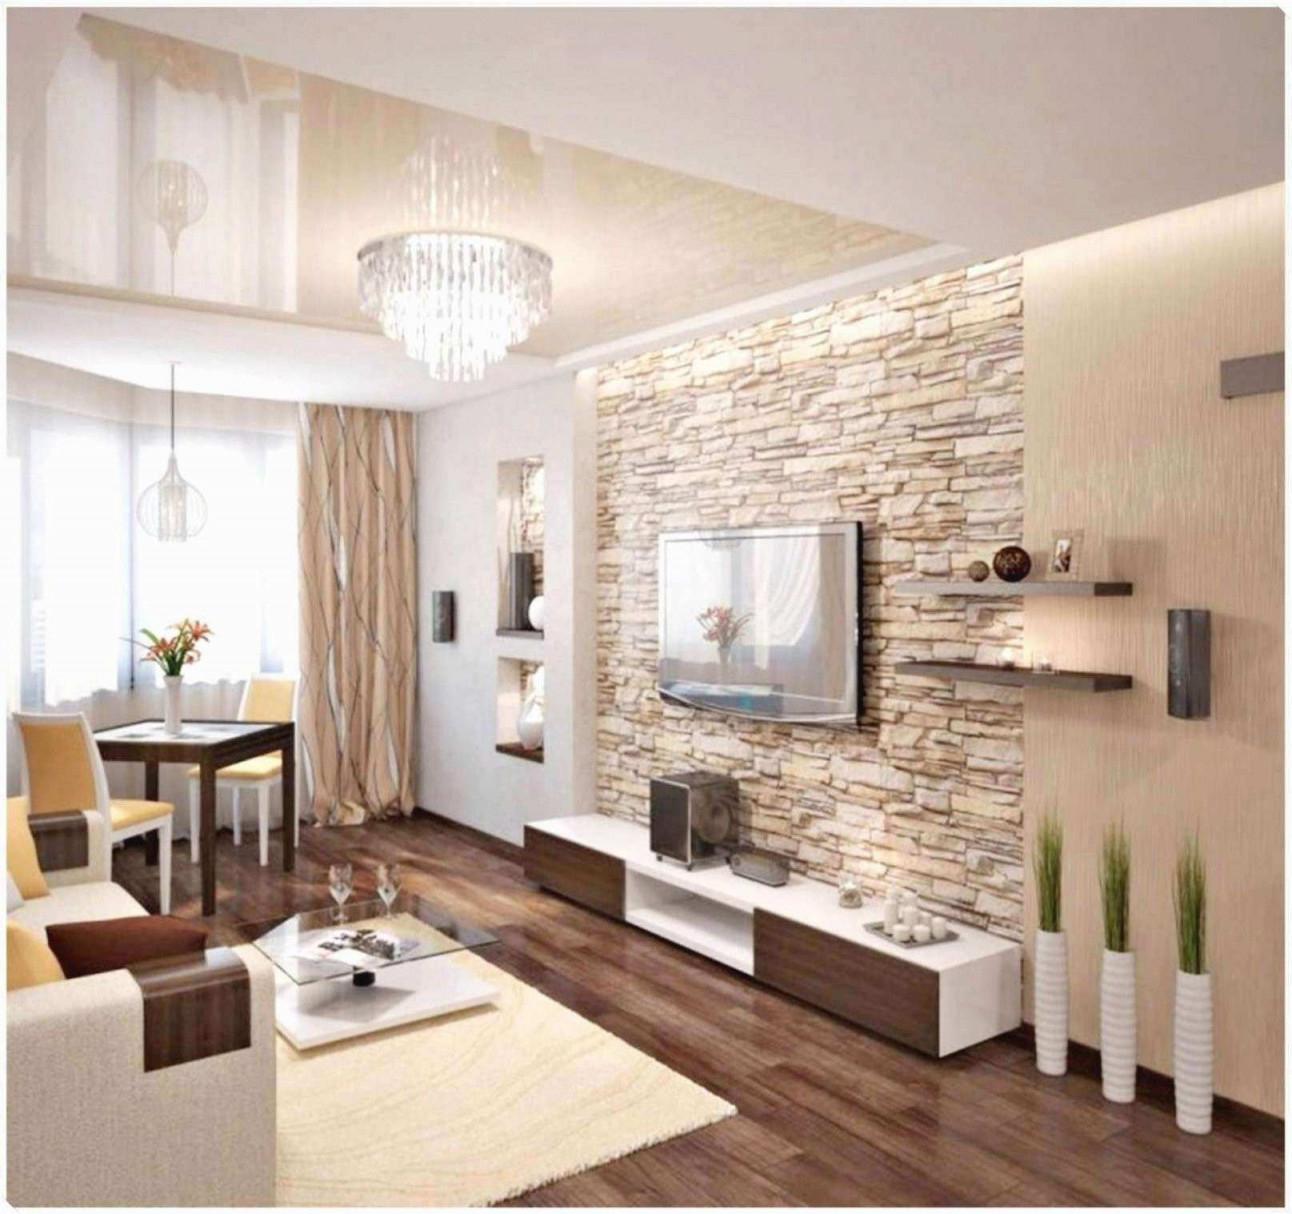 59 Genial Kleines Wohnzimmer Optimal Einrichten Das Beste von Kleines Wohnzimmer Optimal Einrichten Photo